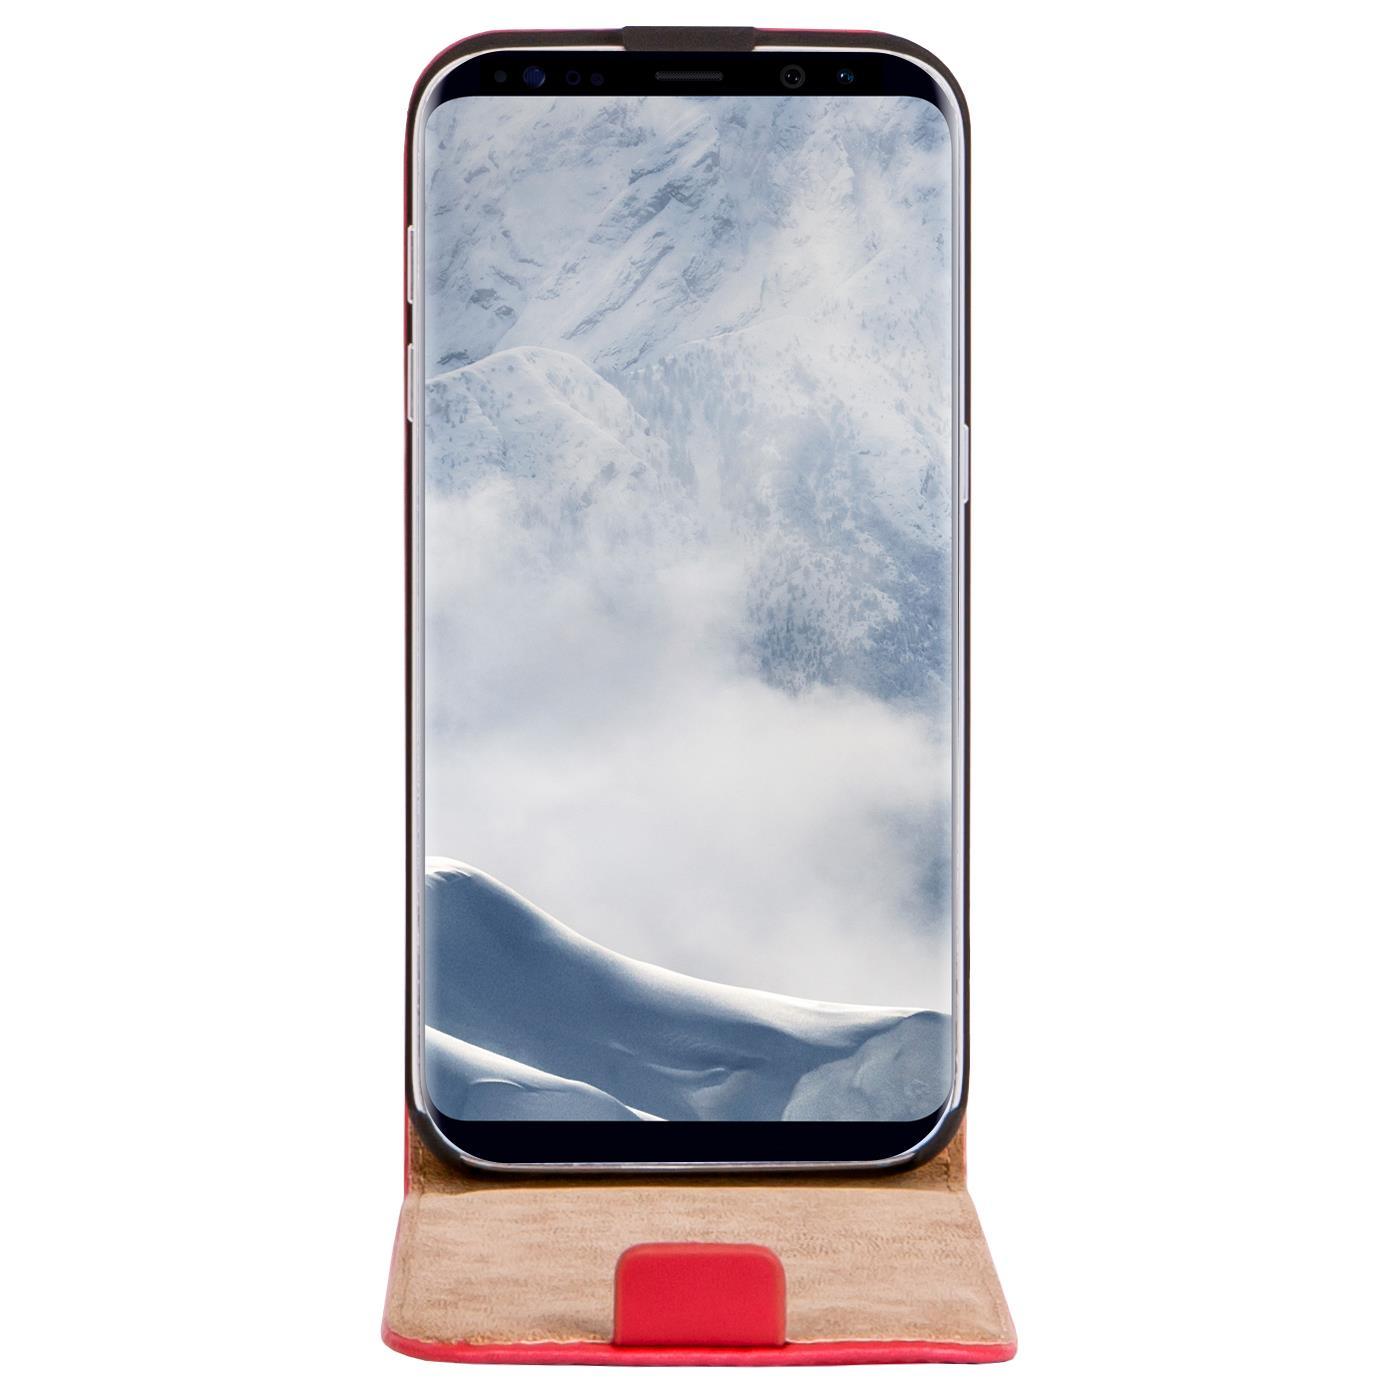 Klapphuelle-Samsung-Galaxy-Flip-Case-Tasche-Schutzhuelle-Cover-Schutz-Handy-Huelle Indexbild 30